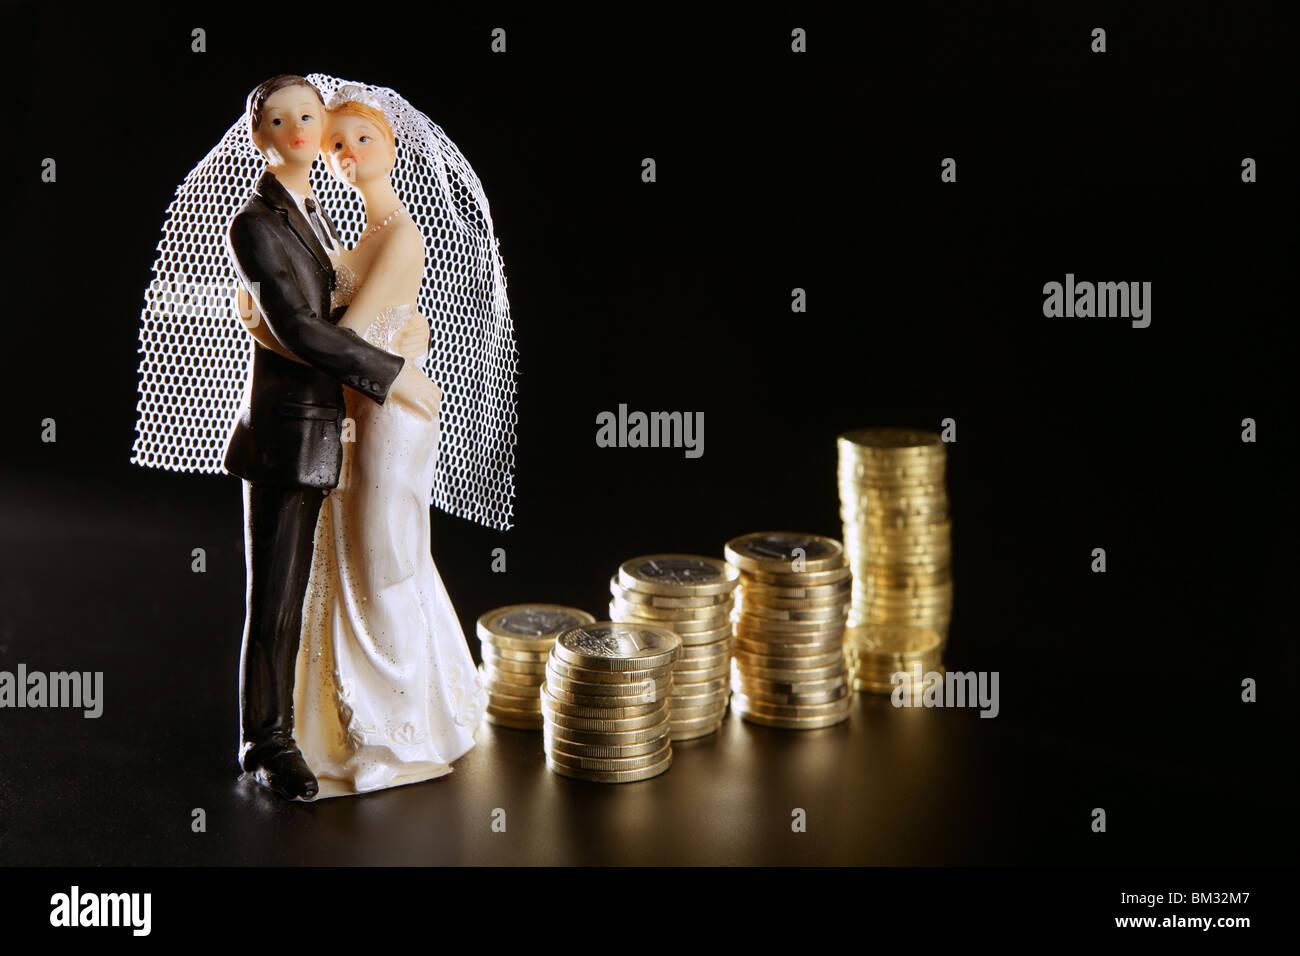 Liebe Und Geld Metapher Hochzeit Figur Und Goldenen Münzen